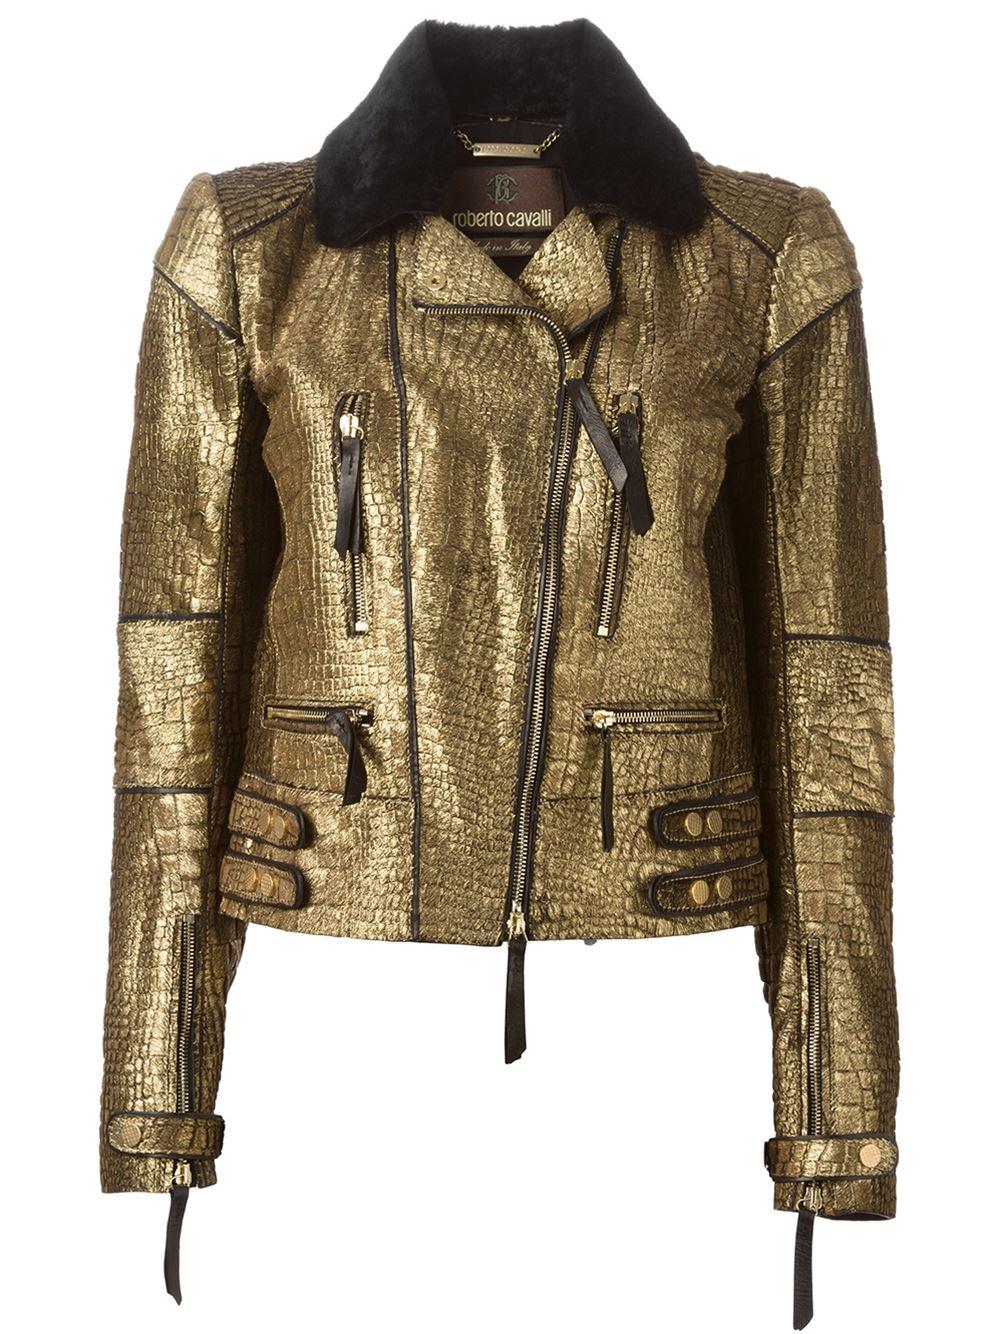 Roberto Cavalli Metallic Biker Jacket In Gold Bronze